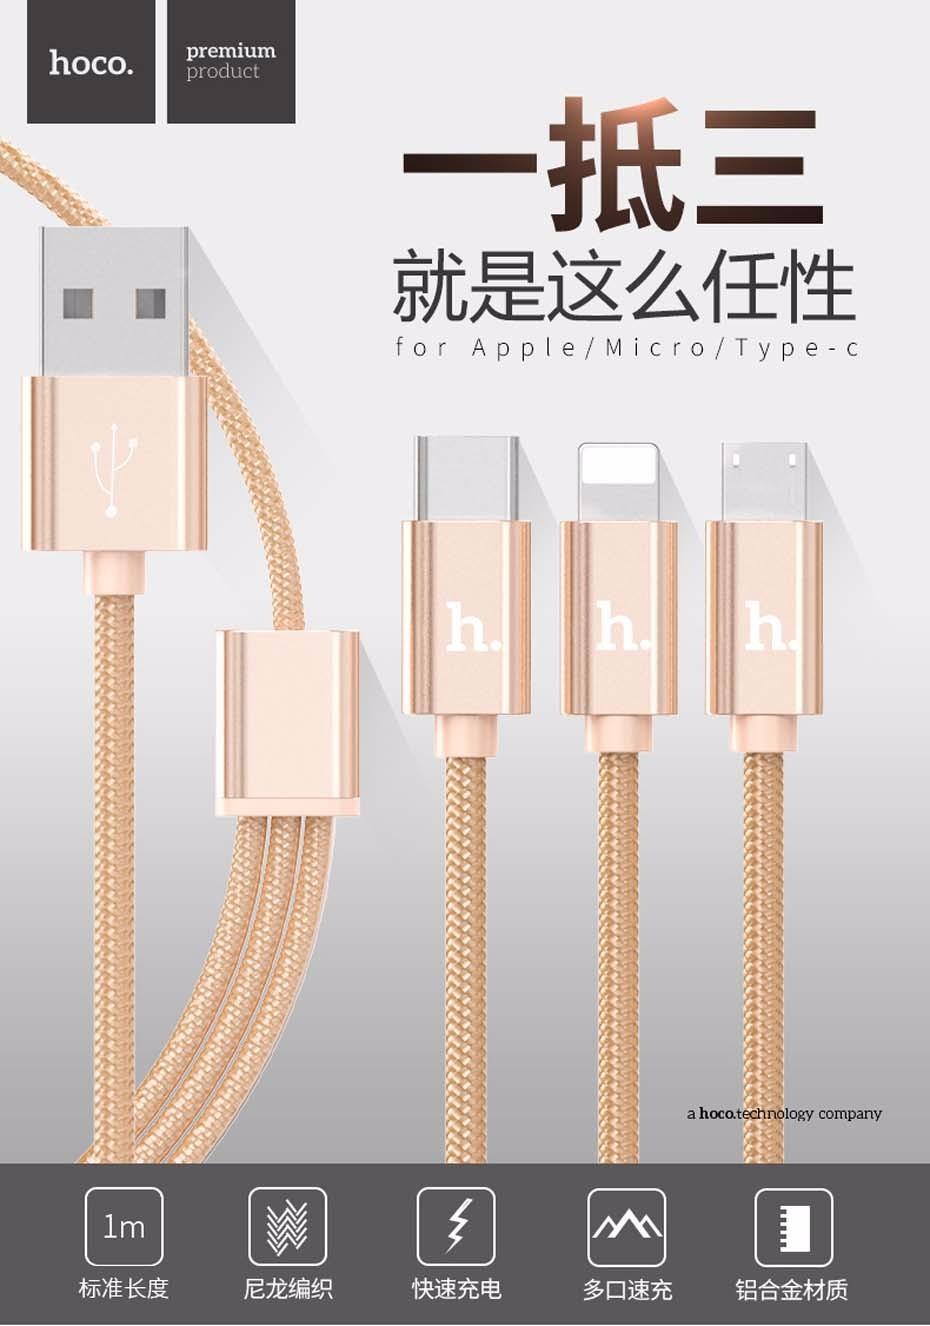 สายชาร์จ HOCO X2 RAPID CHARGING 1M 3in1 ใช้ได้ทุกรุ่น (Type-C / Android / iPhone) แท้